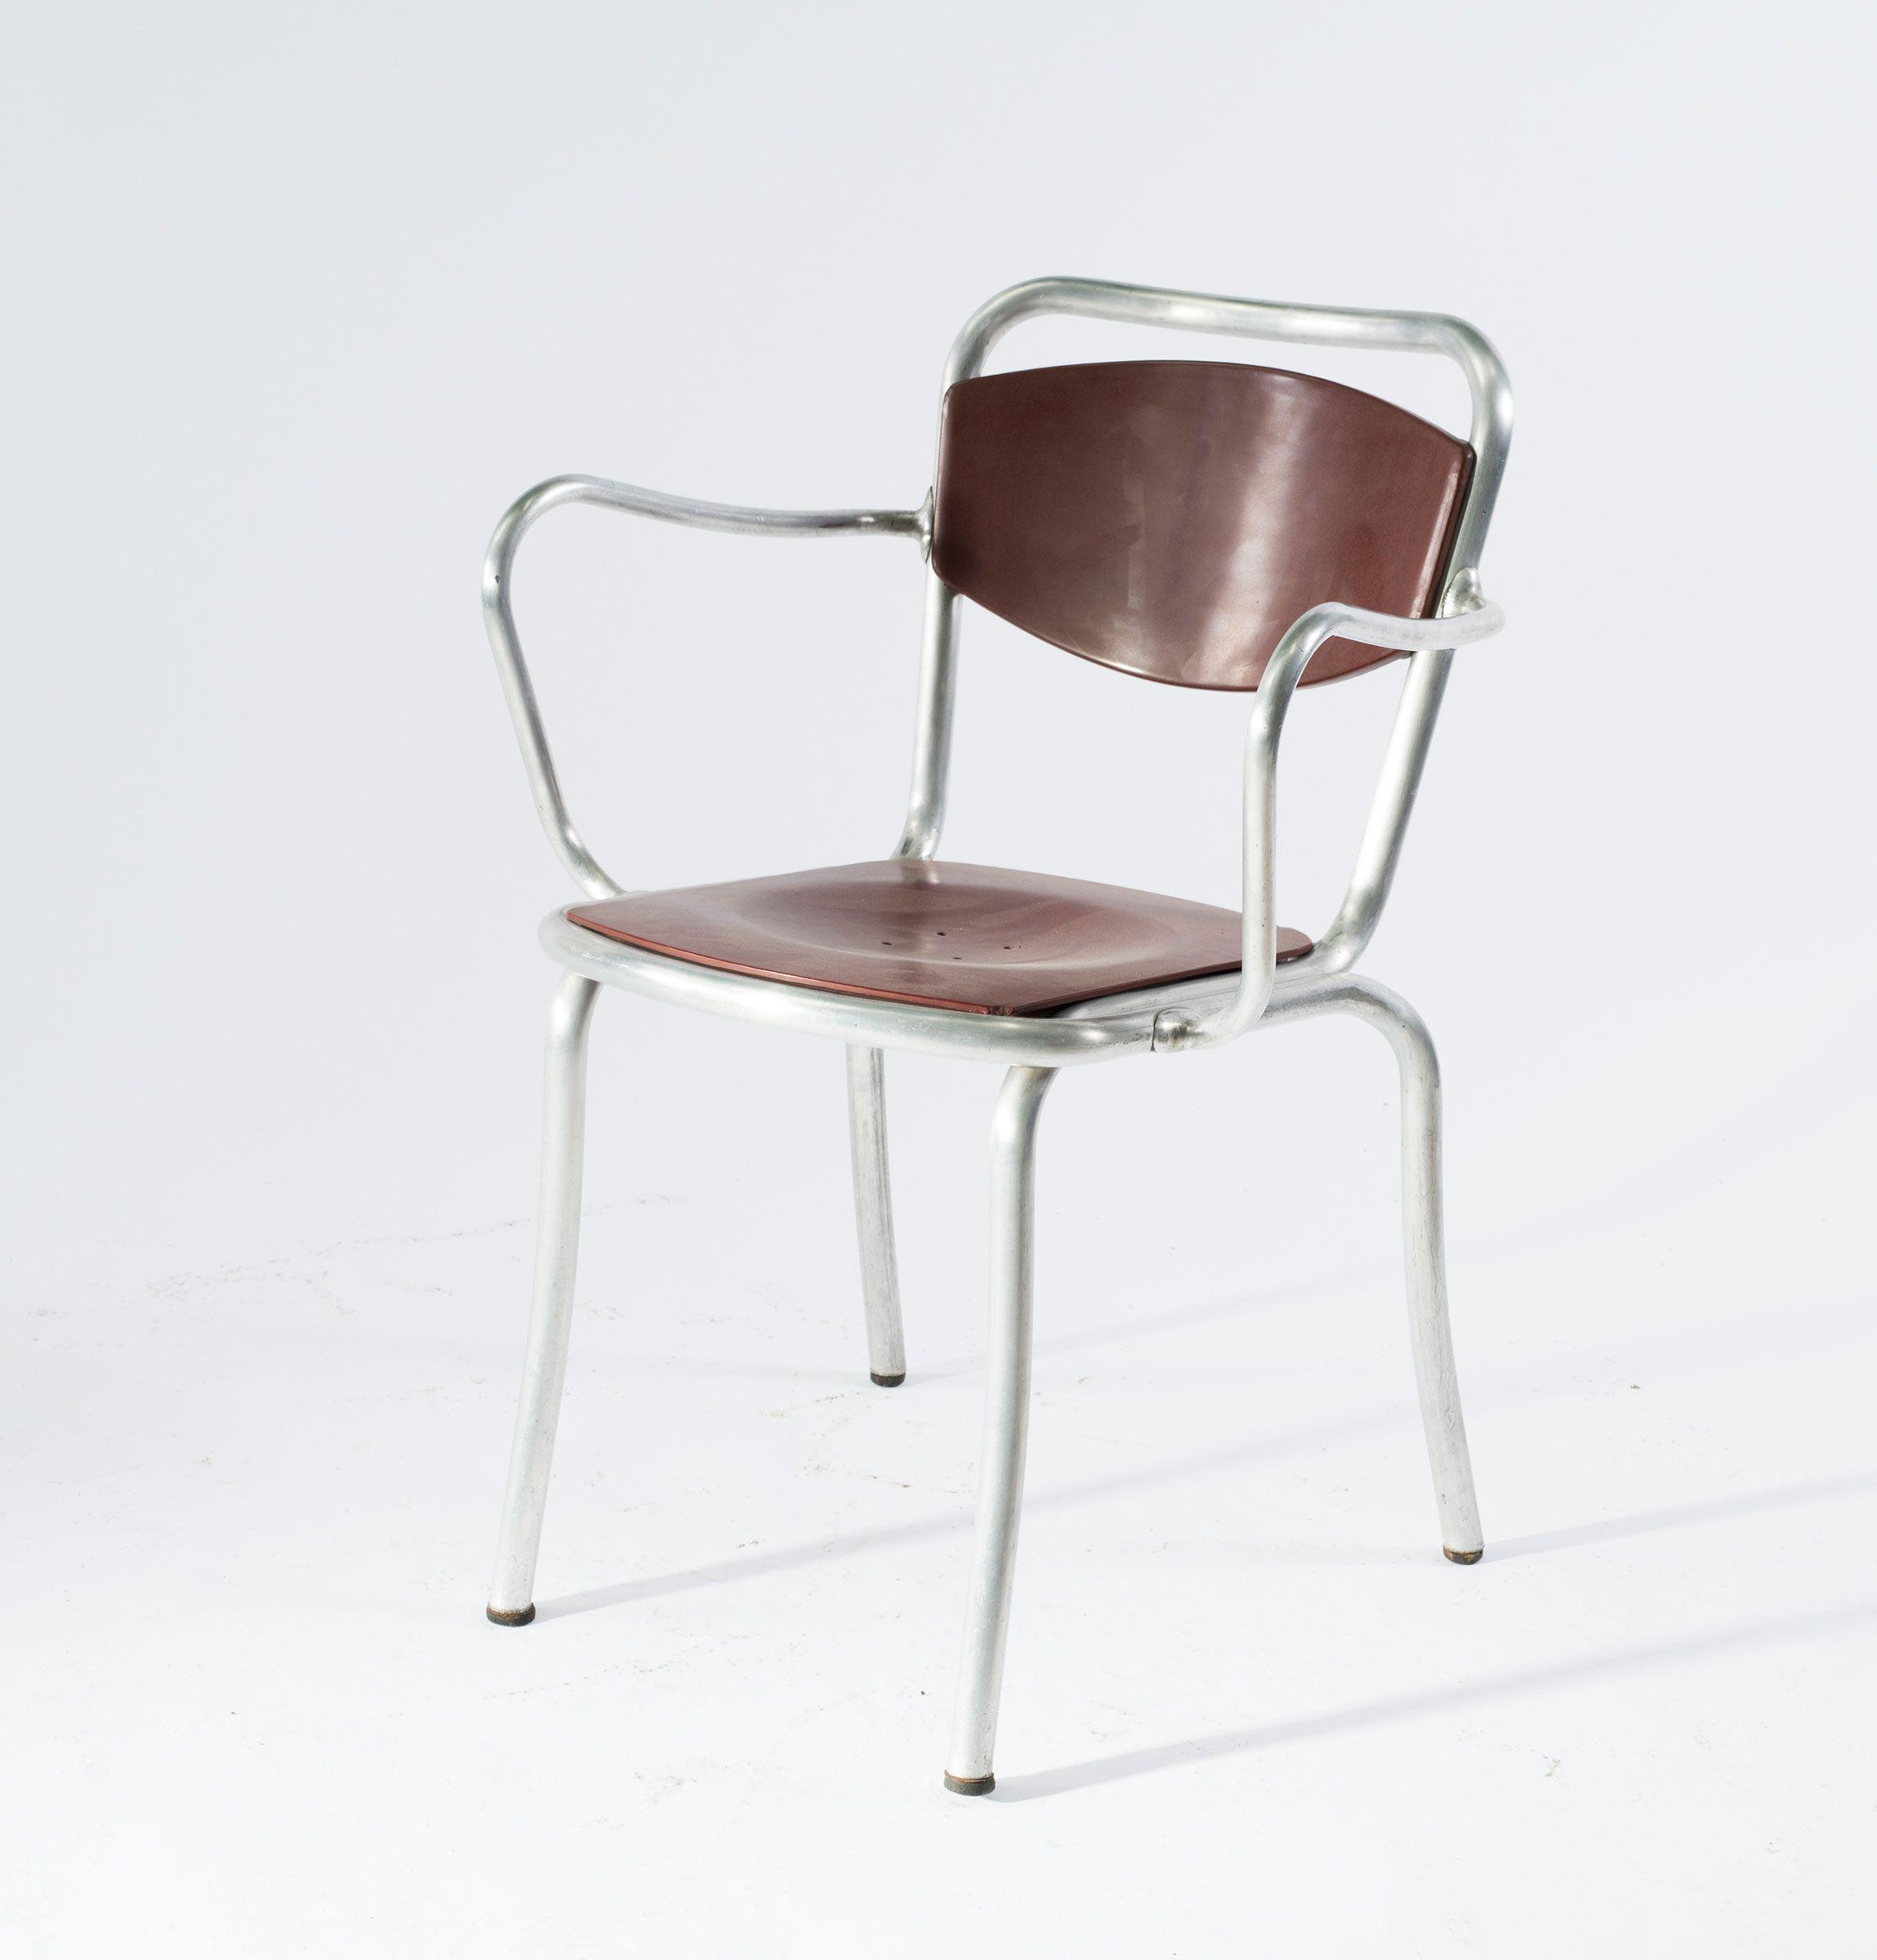 Gastone Rinaldi B236 Tubular Aluminum Chair for Rima 1951